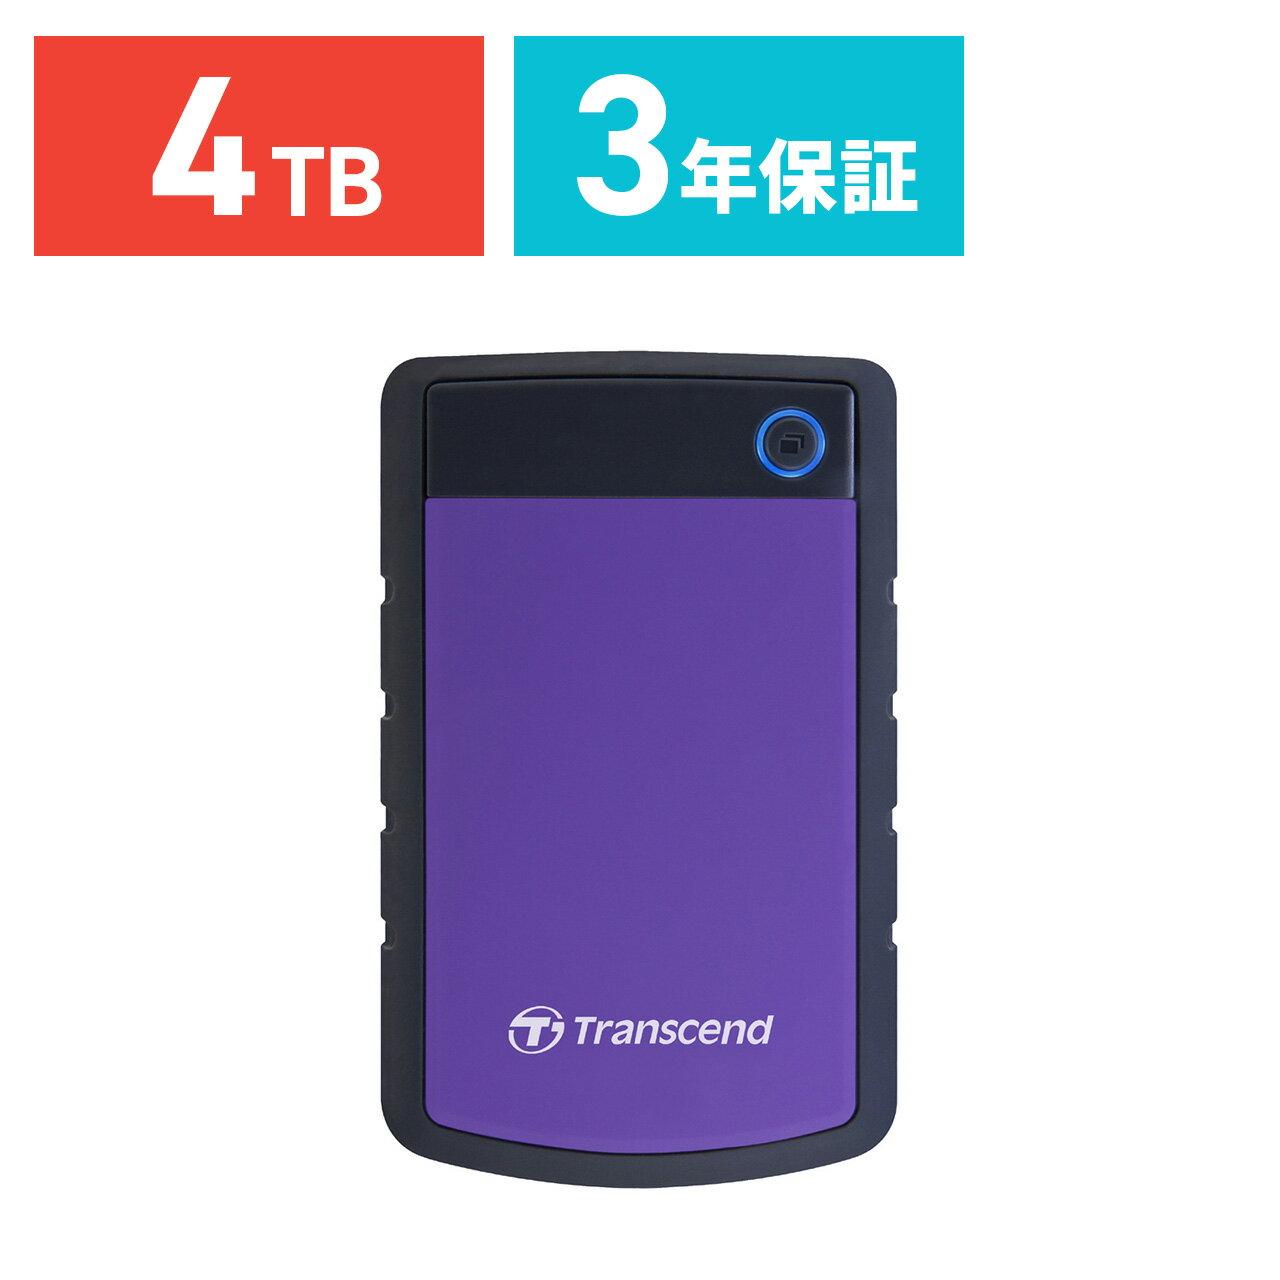 【ケース付き!】Transcend ポータブルHDD 4TB StoreJet 25H3P USB3.0 耐衝撃 3年保証 ハードディスク 外付けHDD ポータブルハードディスク[TS4TSJ25H3P]【送料無料】